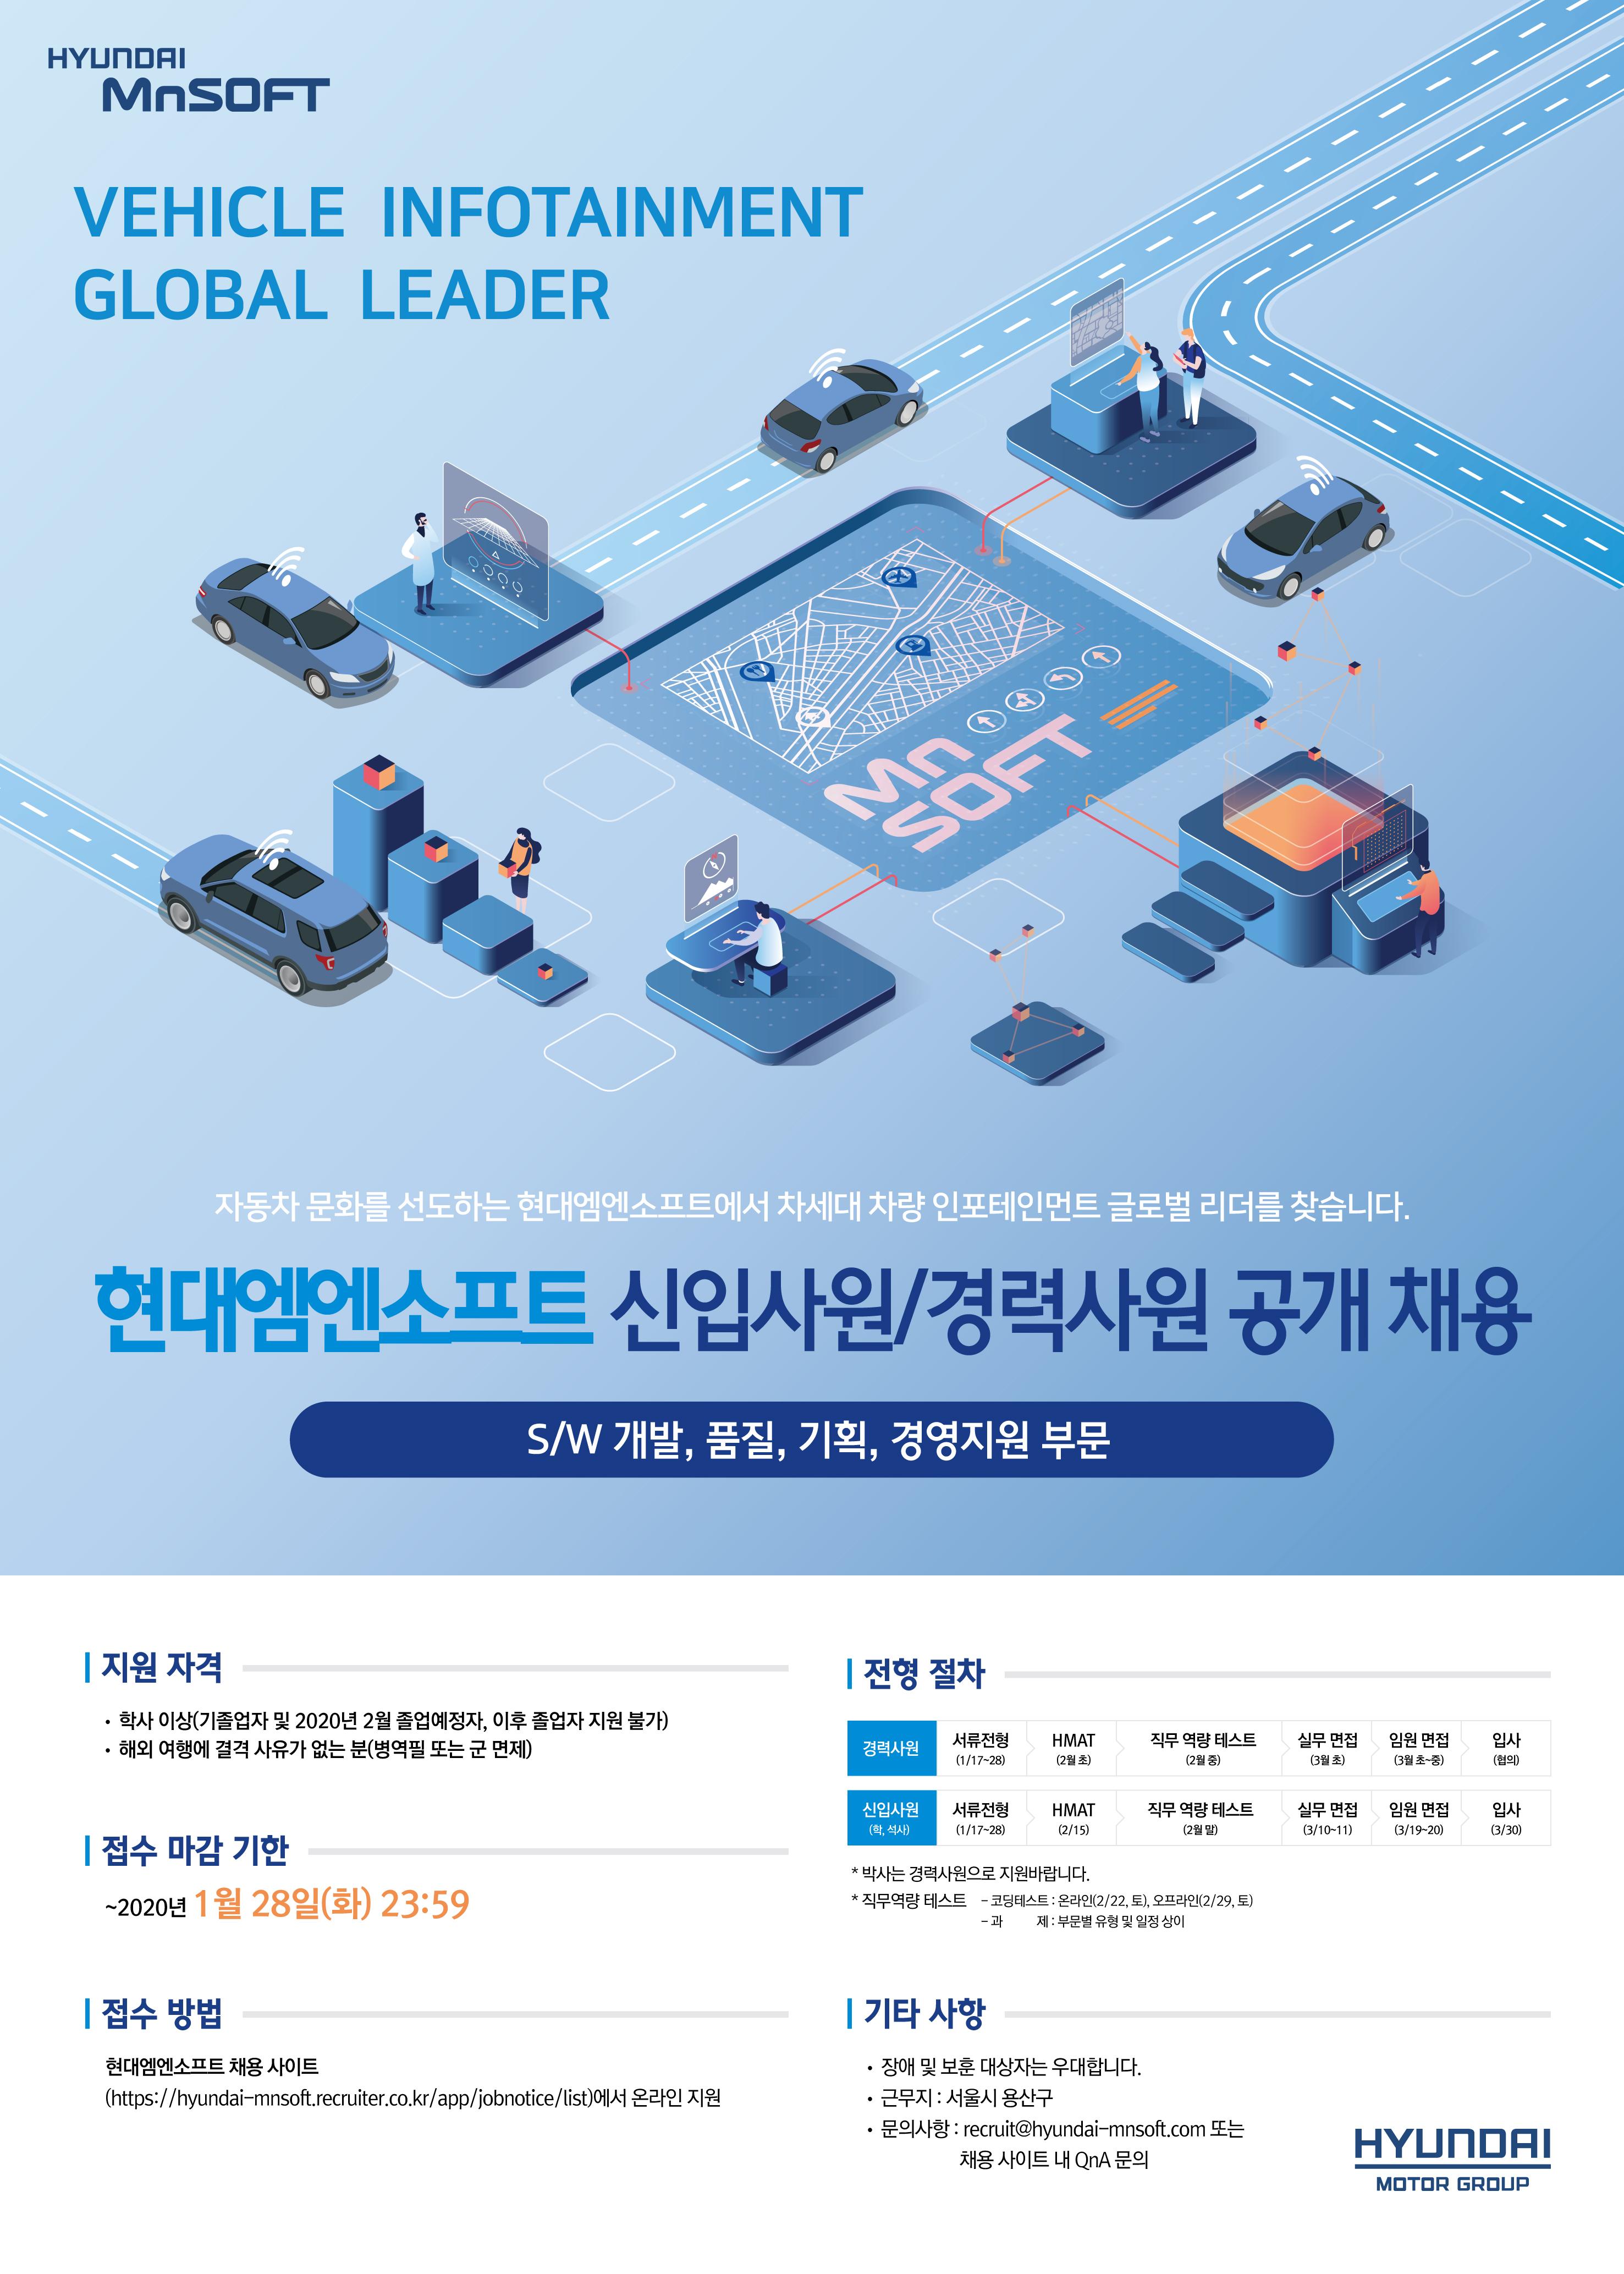 현대엠엔소프트 포스터 신입,경력사원.jpg